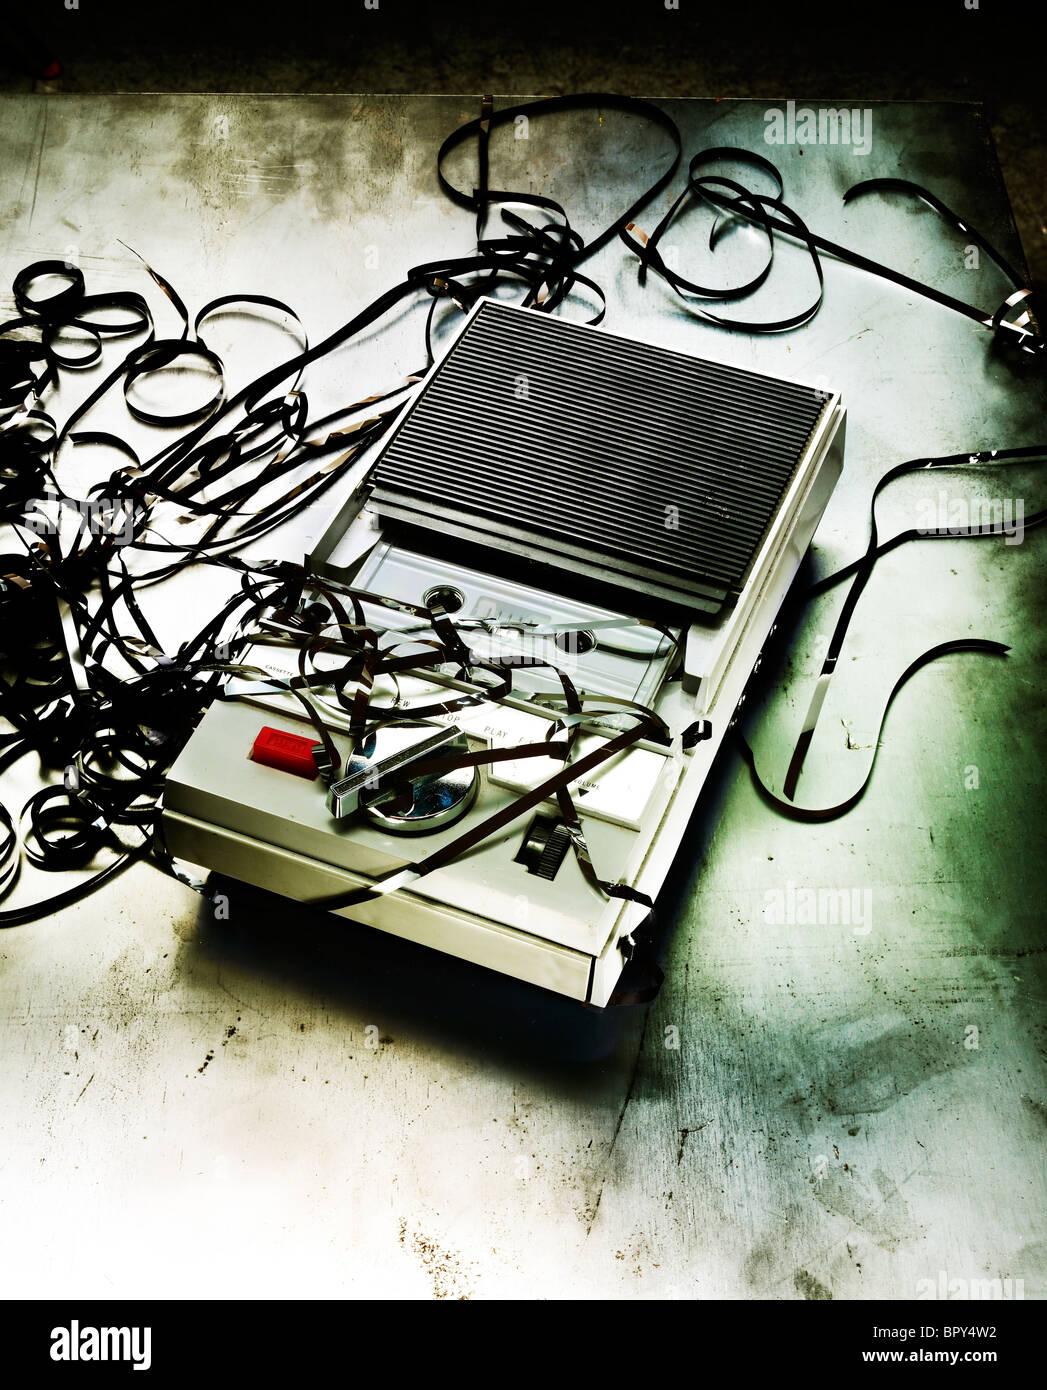 Vintage vieja grabadora de cintas con cintas codifica shot en angustiado fondo metálico Imagen De Stock